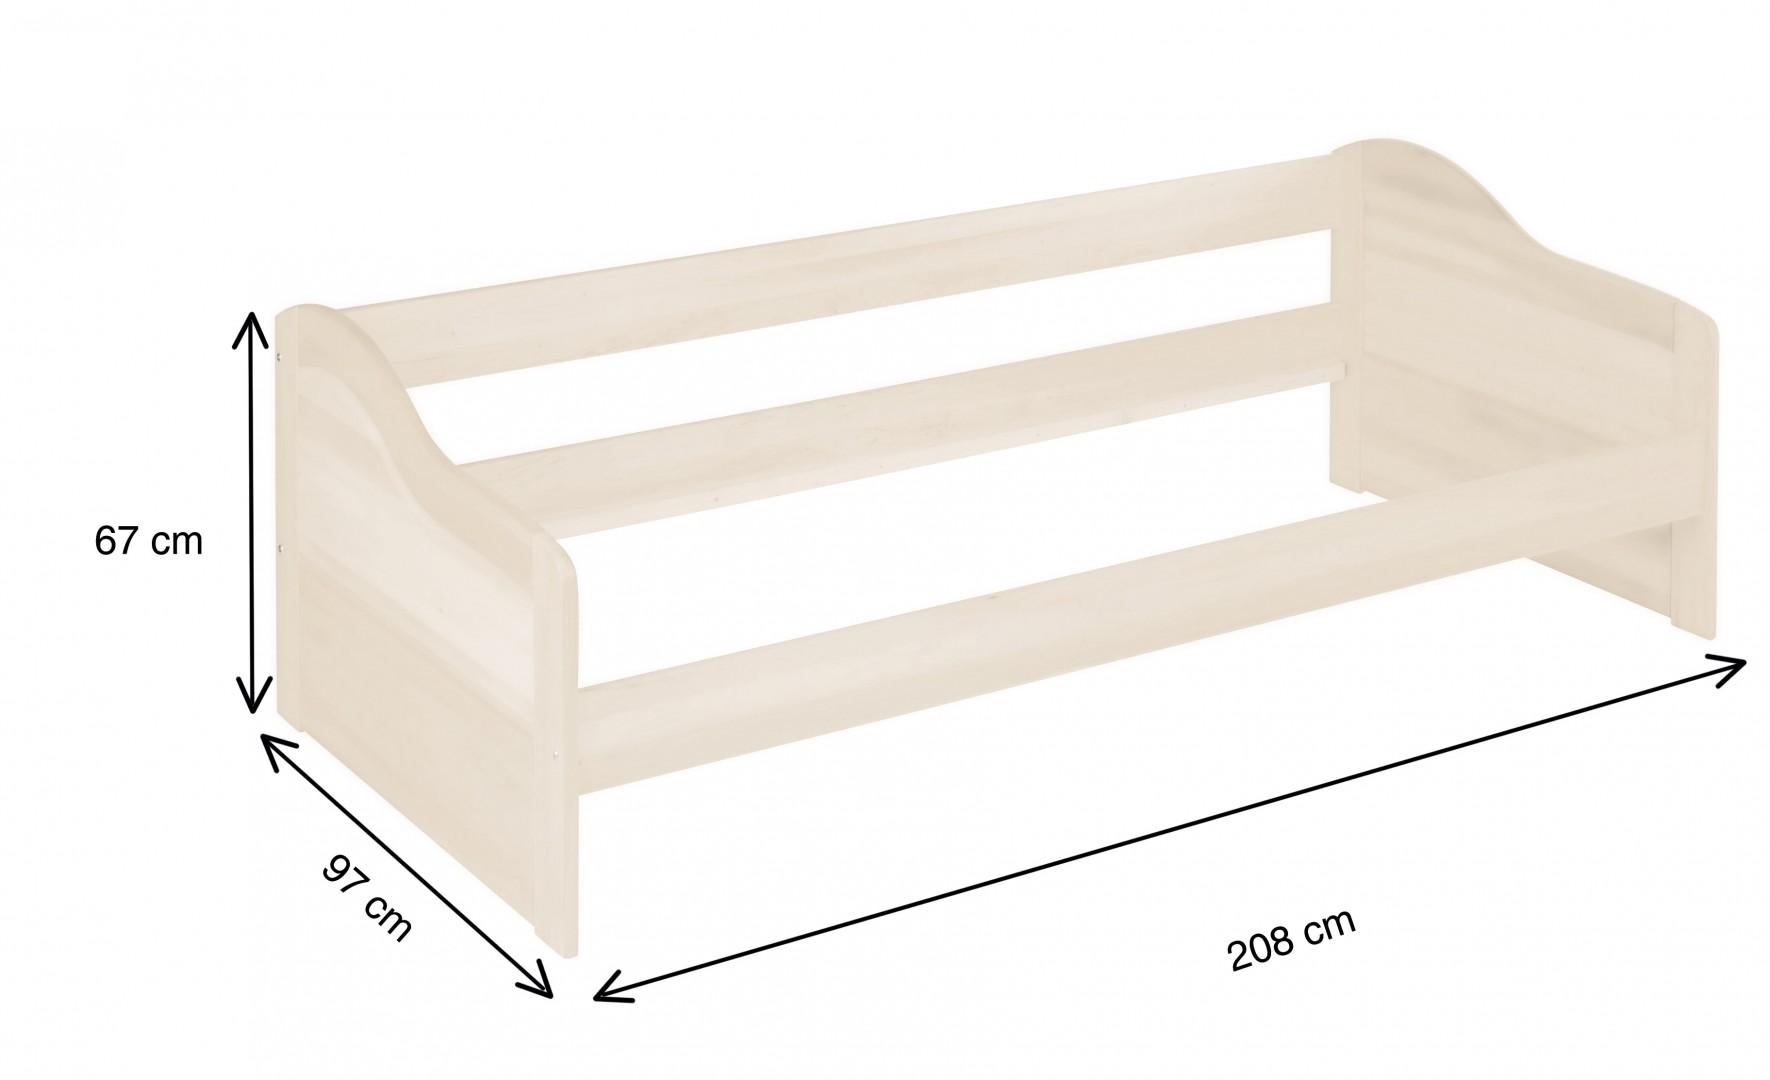 biokinder spar set nico funktionsbett mit matratzenbettkasten 90x200 cm kiefer wei lasiert. Black Bedroom Furniture Sets. Home Design Ideas